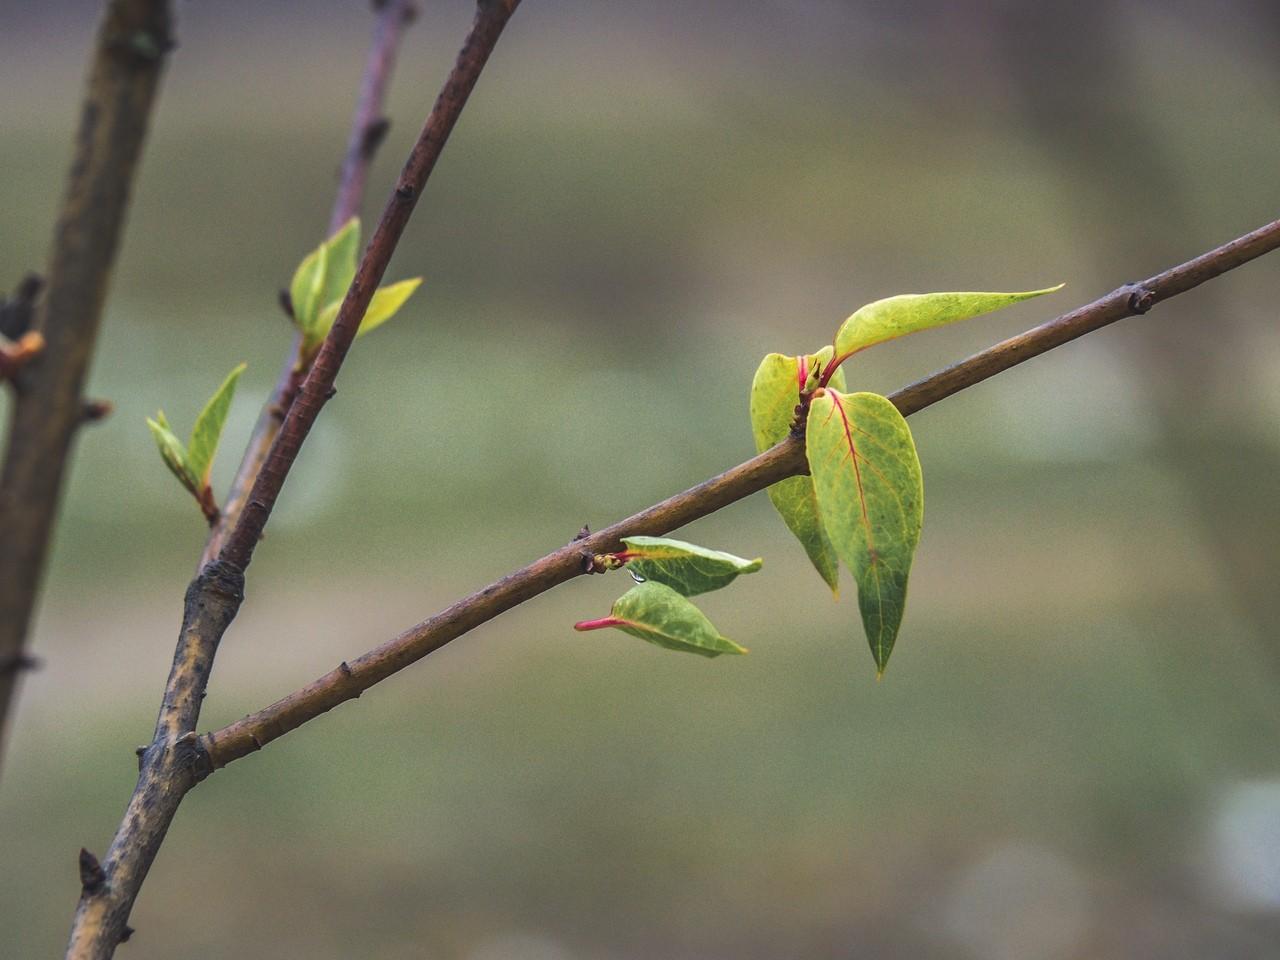 Весна в ноябре: в Твери распустились молодые листочки